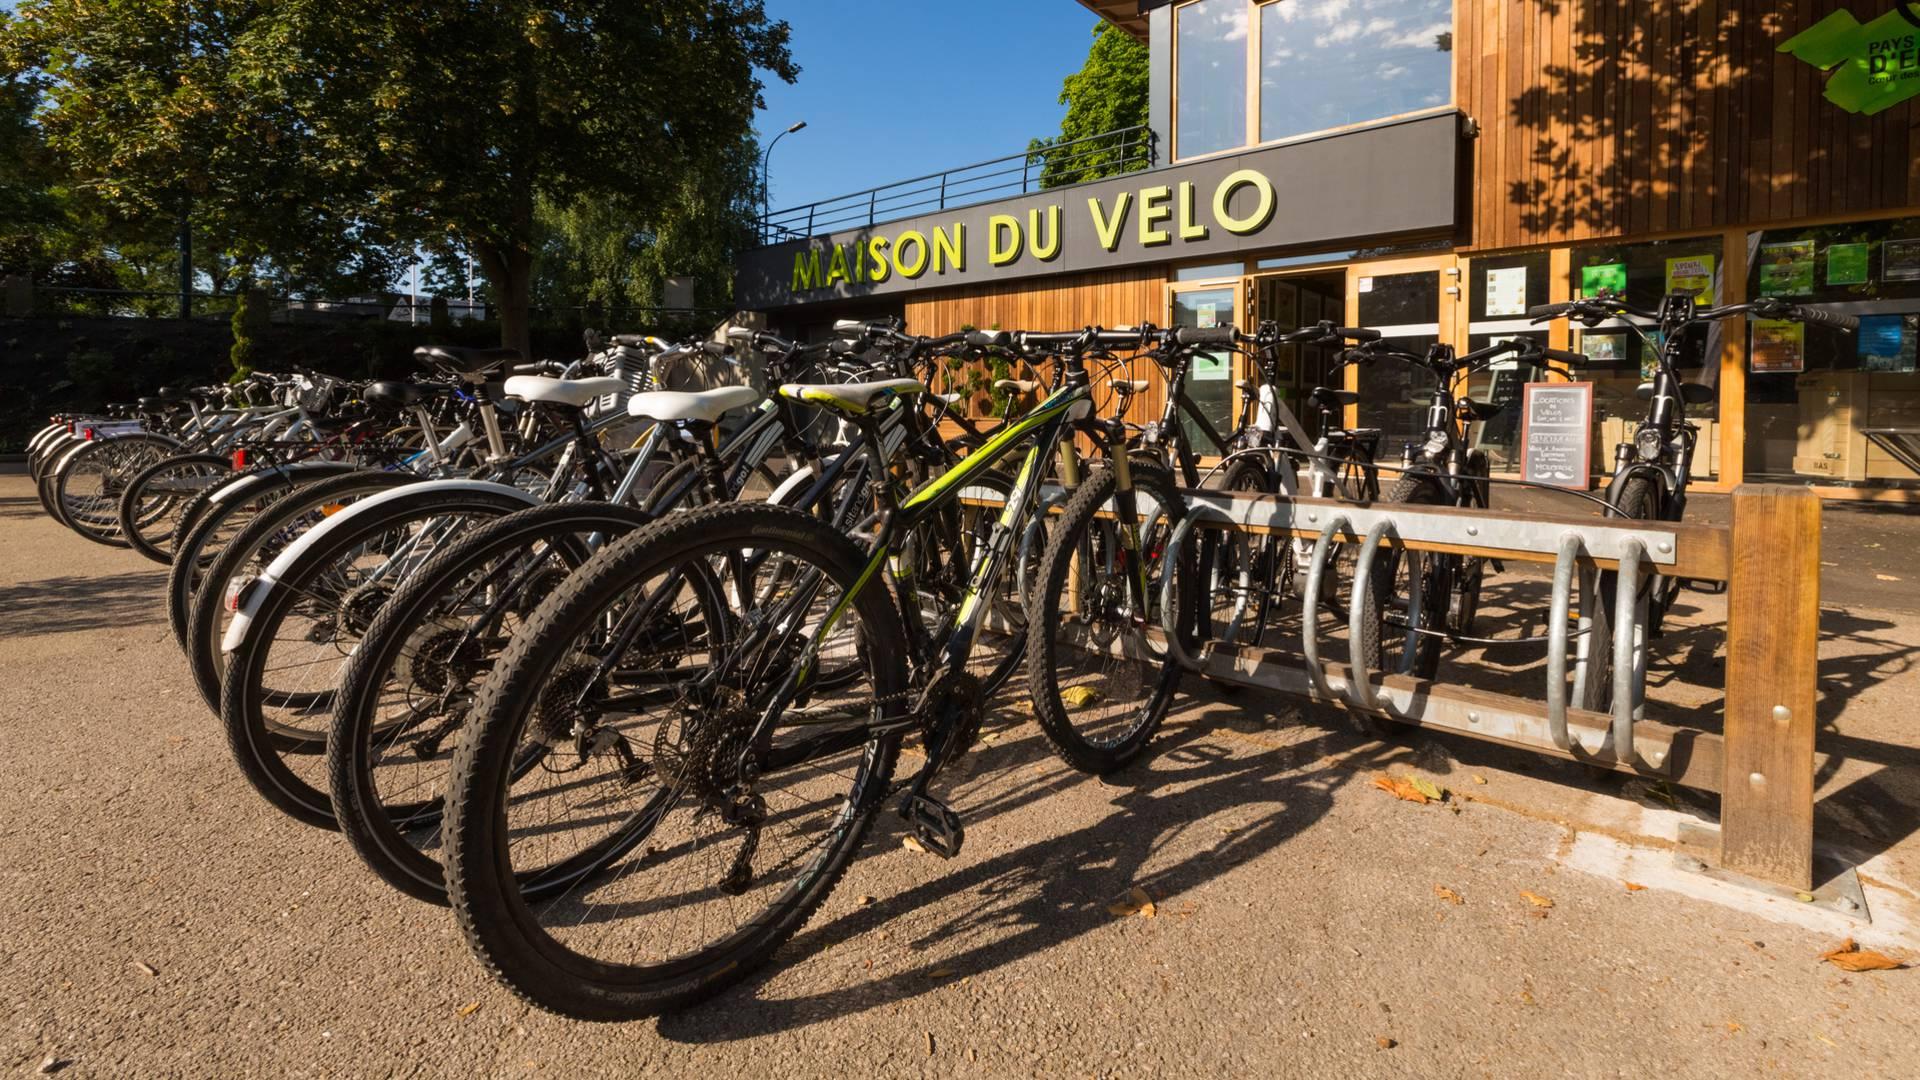 Vélo Epinal - Maison du vélo Epinal - Louer un vélo - Véloroute Epinal - Piste cyclable Vosges